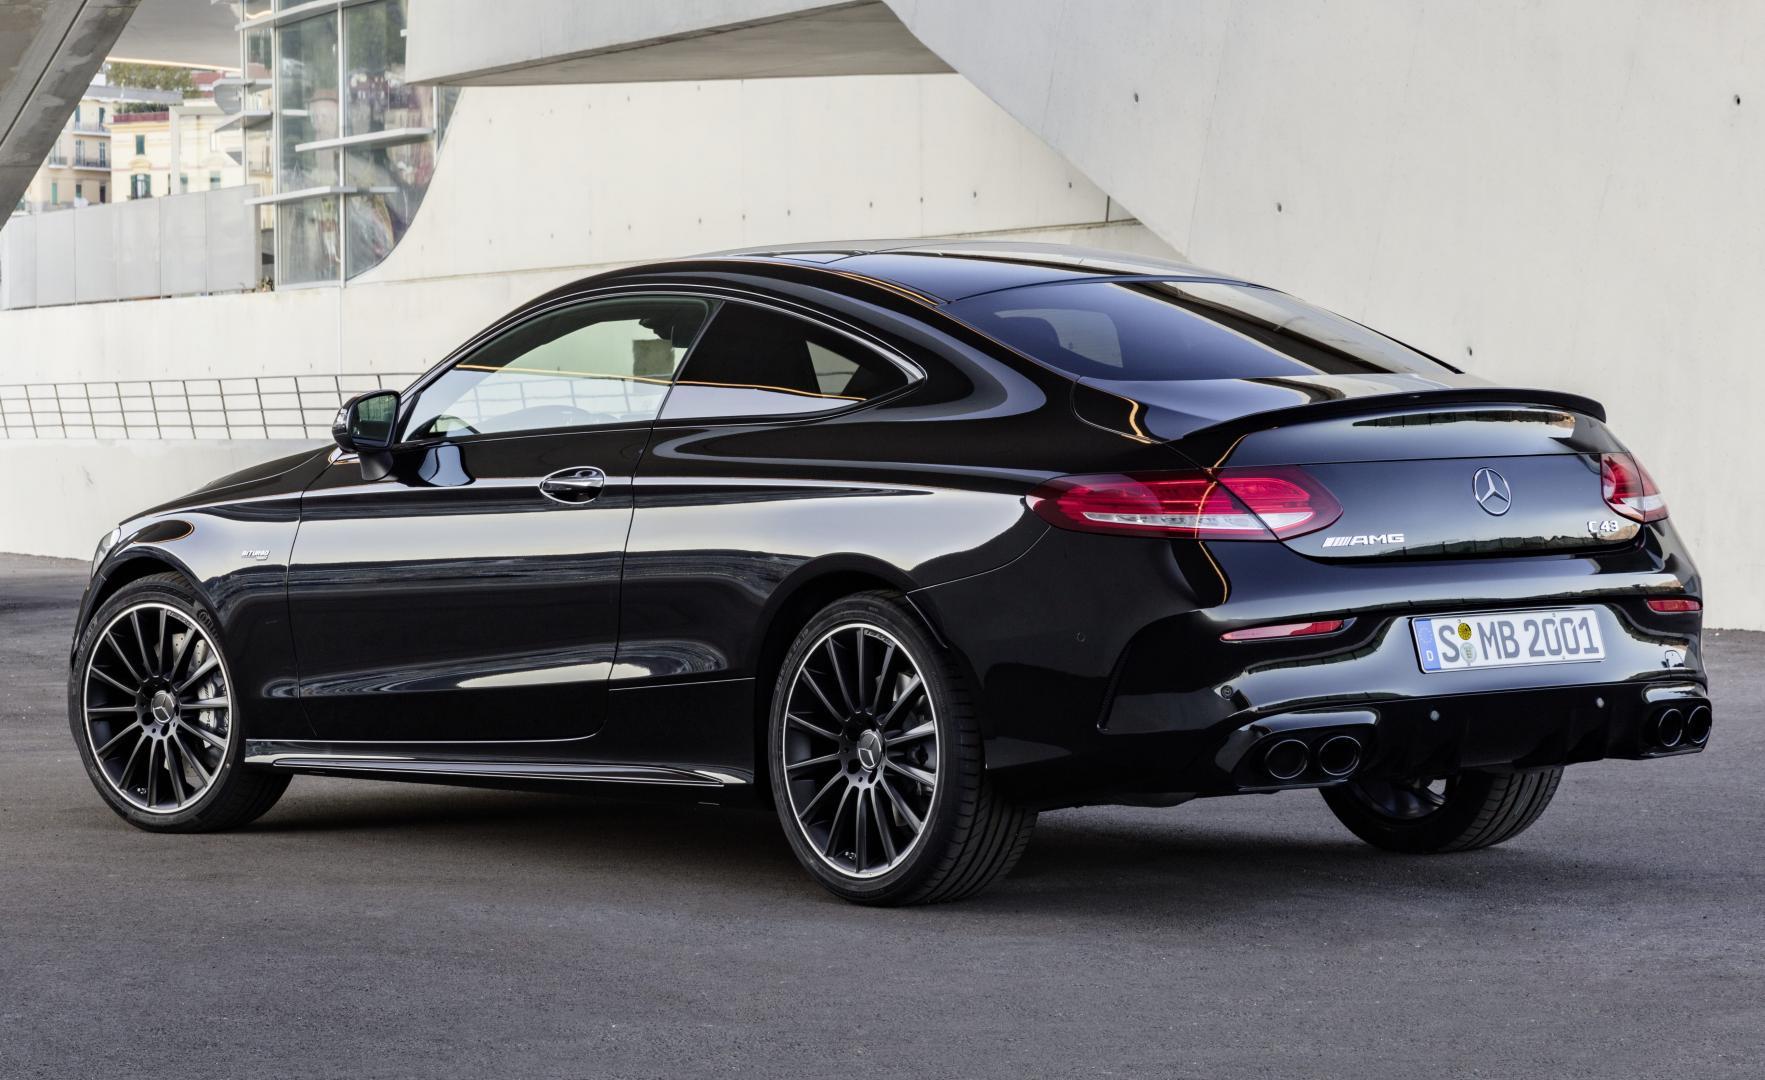 Mercedes-AMG C 43 4Matic Coupé 2018